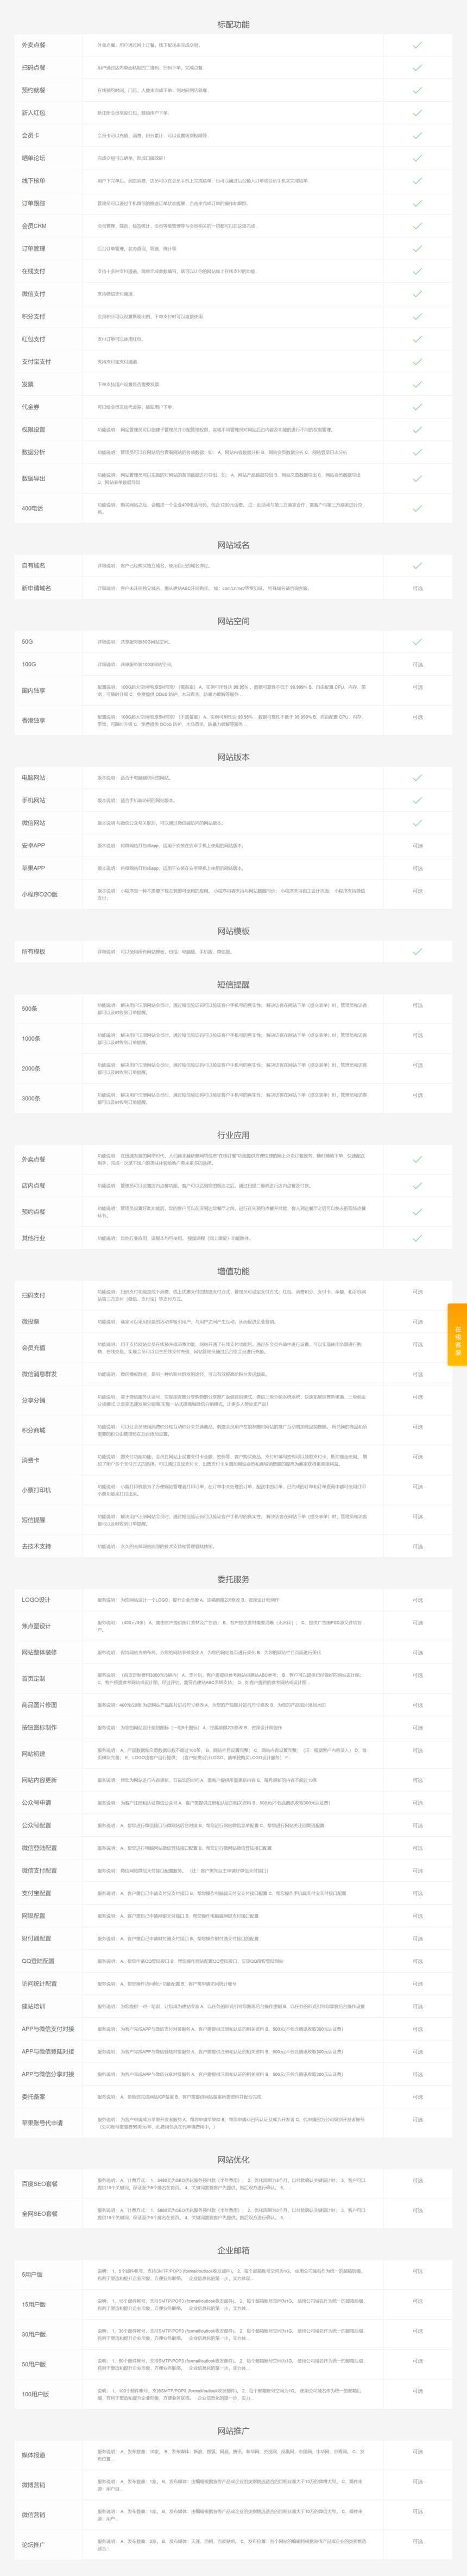 餐饮系统_微信餐饮系统_餐饮O2O_免费餐饮系统_建站ABC3.png